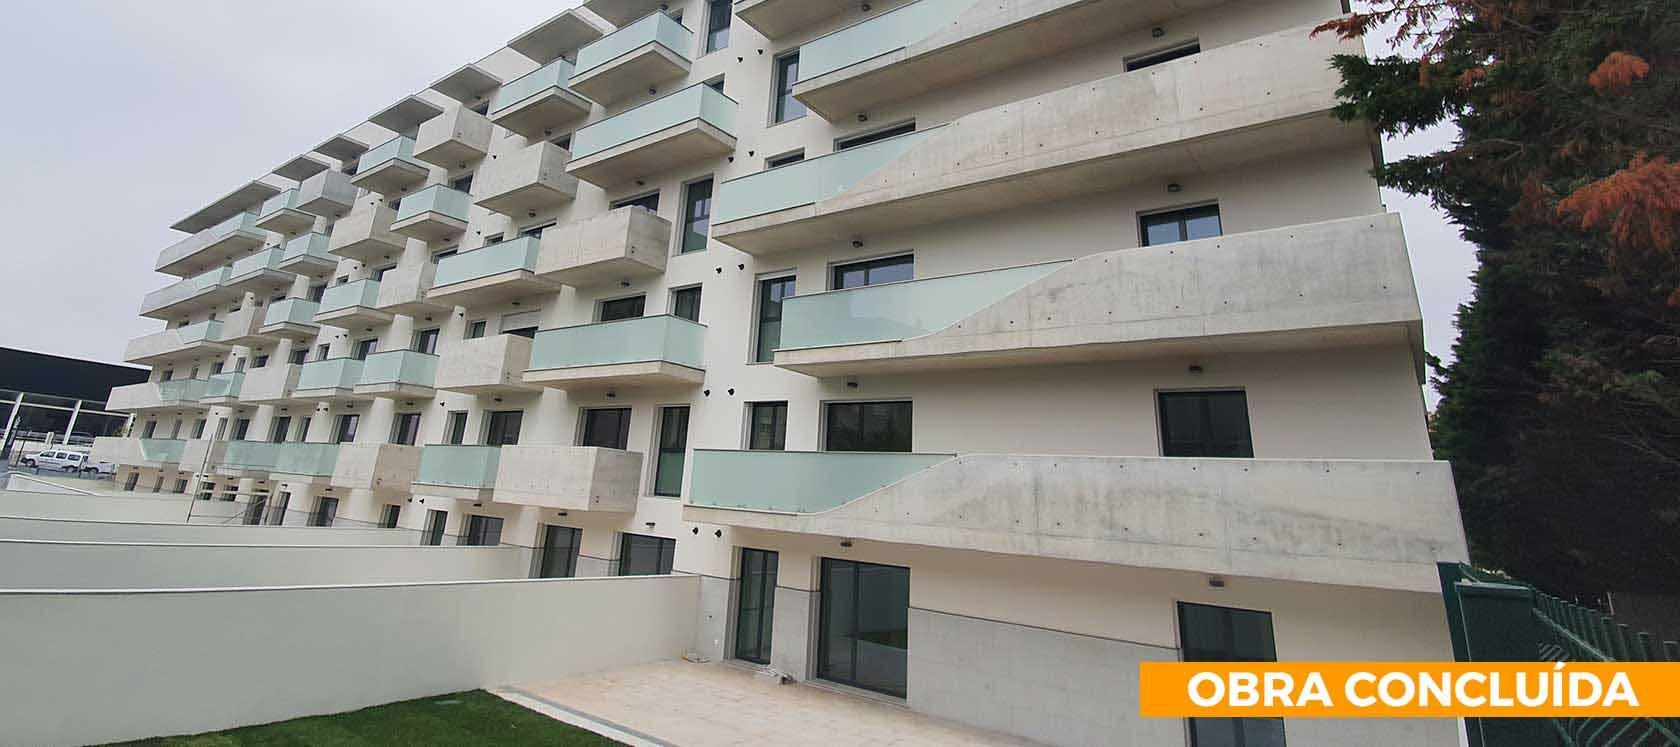 Obra nueva en Oporto | Célere Portodouro exterior